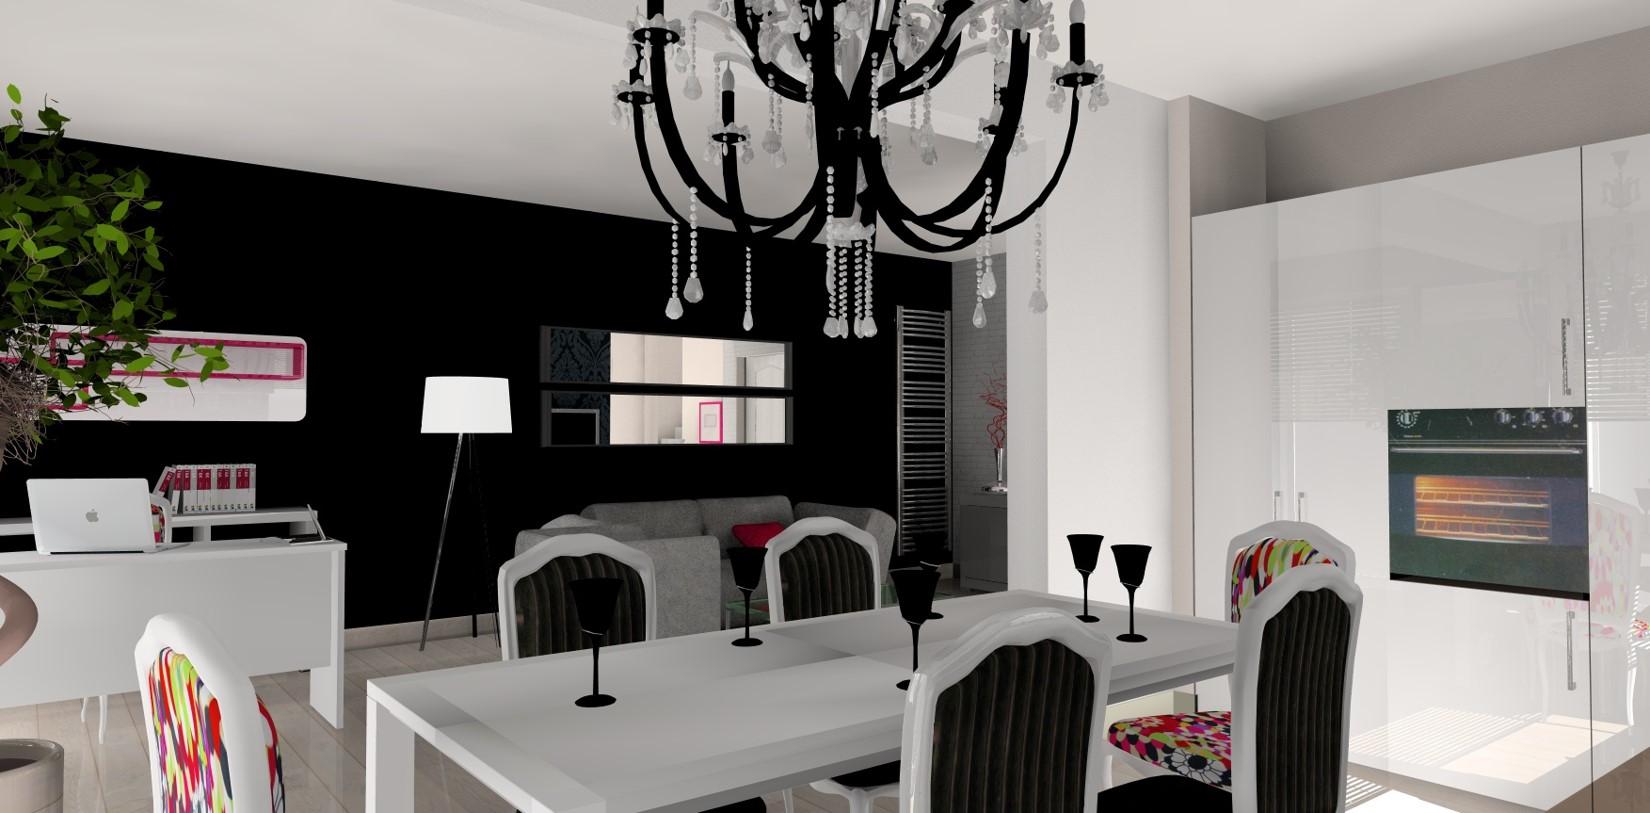 simulation 3d archives d coration et architecture d 39 int rieur home staging paris essonne. Black Bedroom Furniture Sets. Home Design Ideas